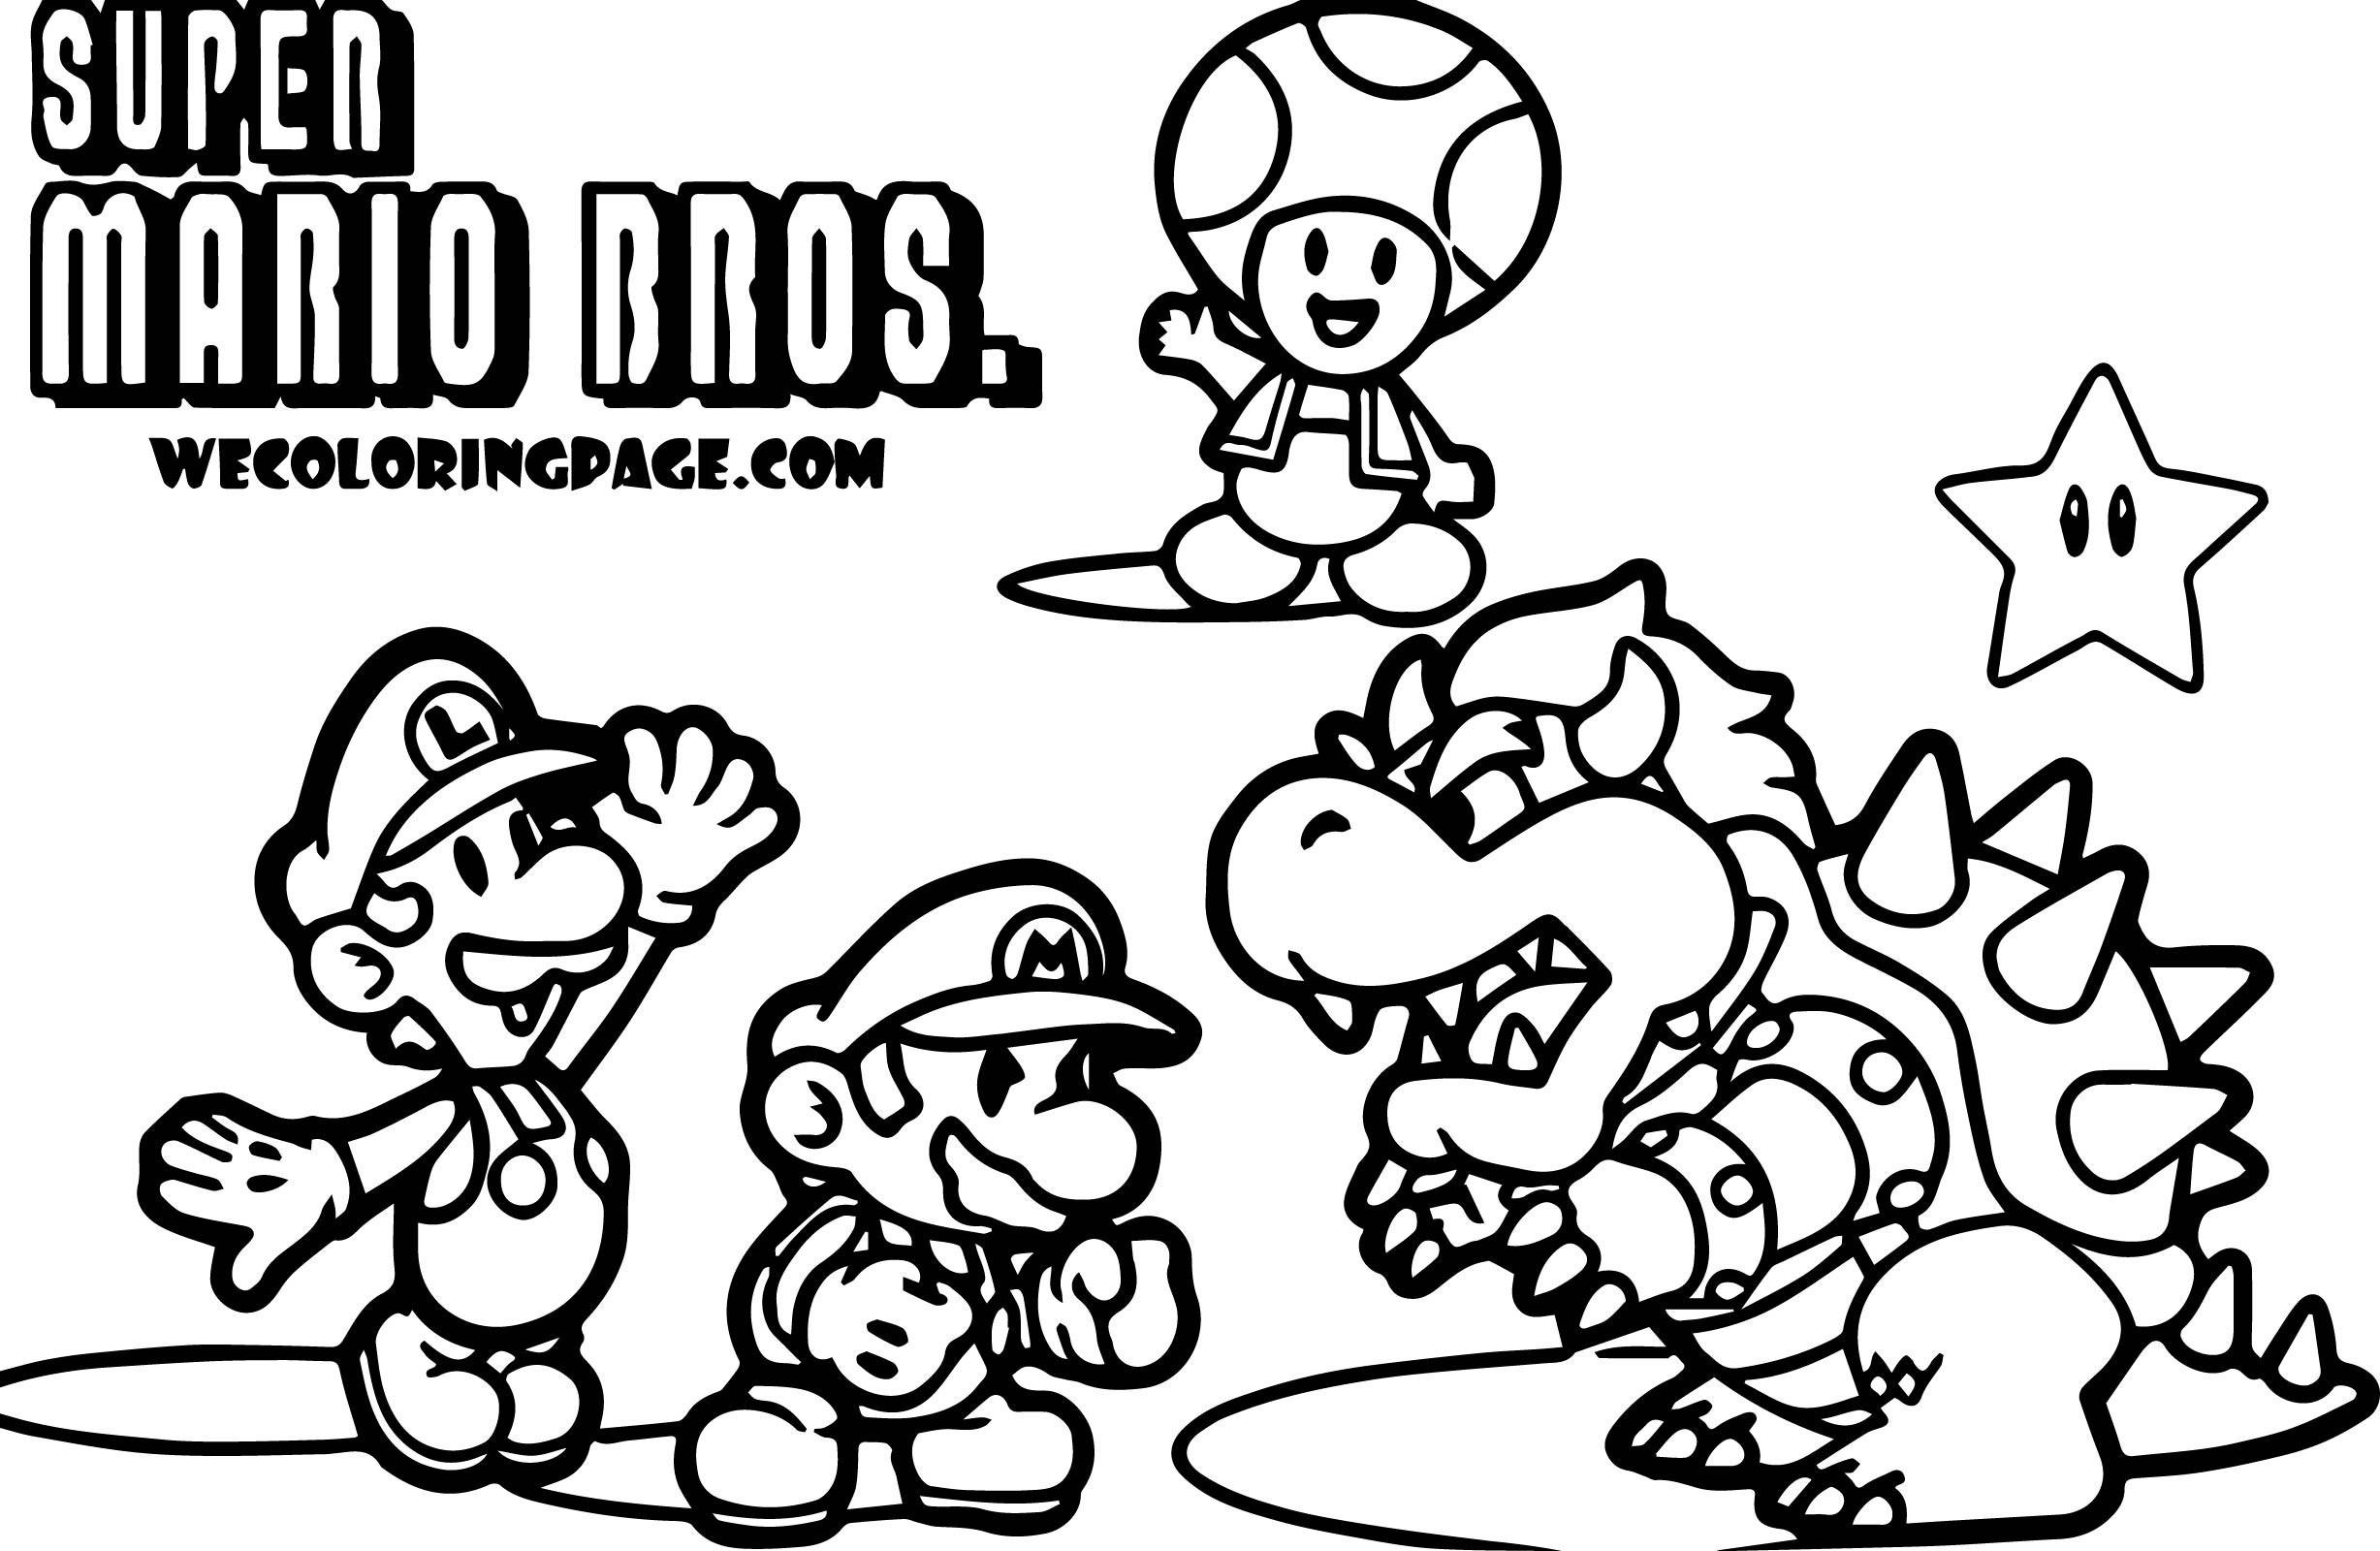 Malvorlage Super Mario Das Beste Von 37 Super Mario Kart Ausmalbilder Scoredatscore Inspirierend Super Galerie